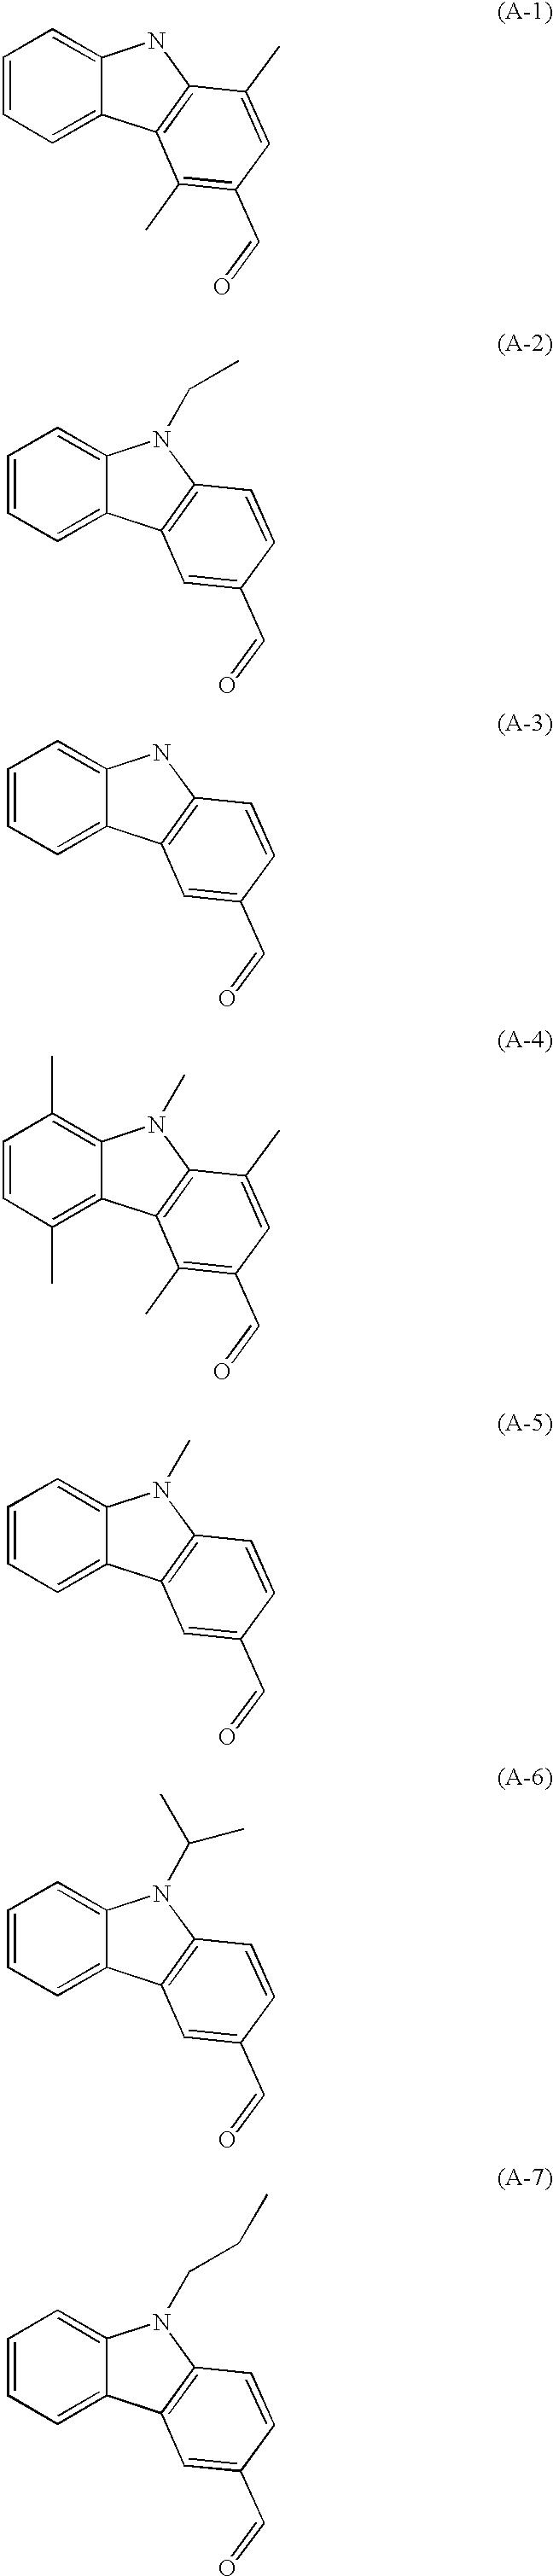 Figure US20030203901A1-20031030-C00018